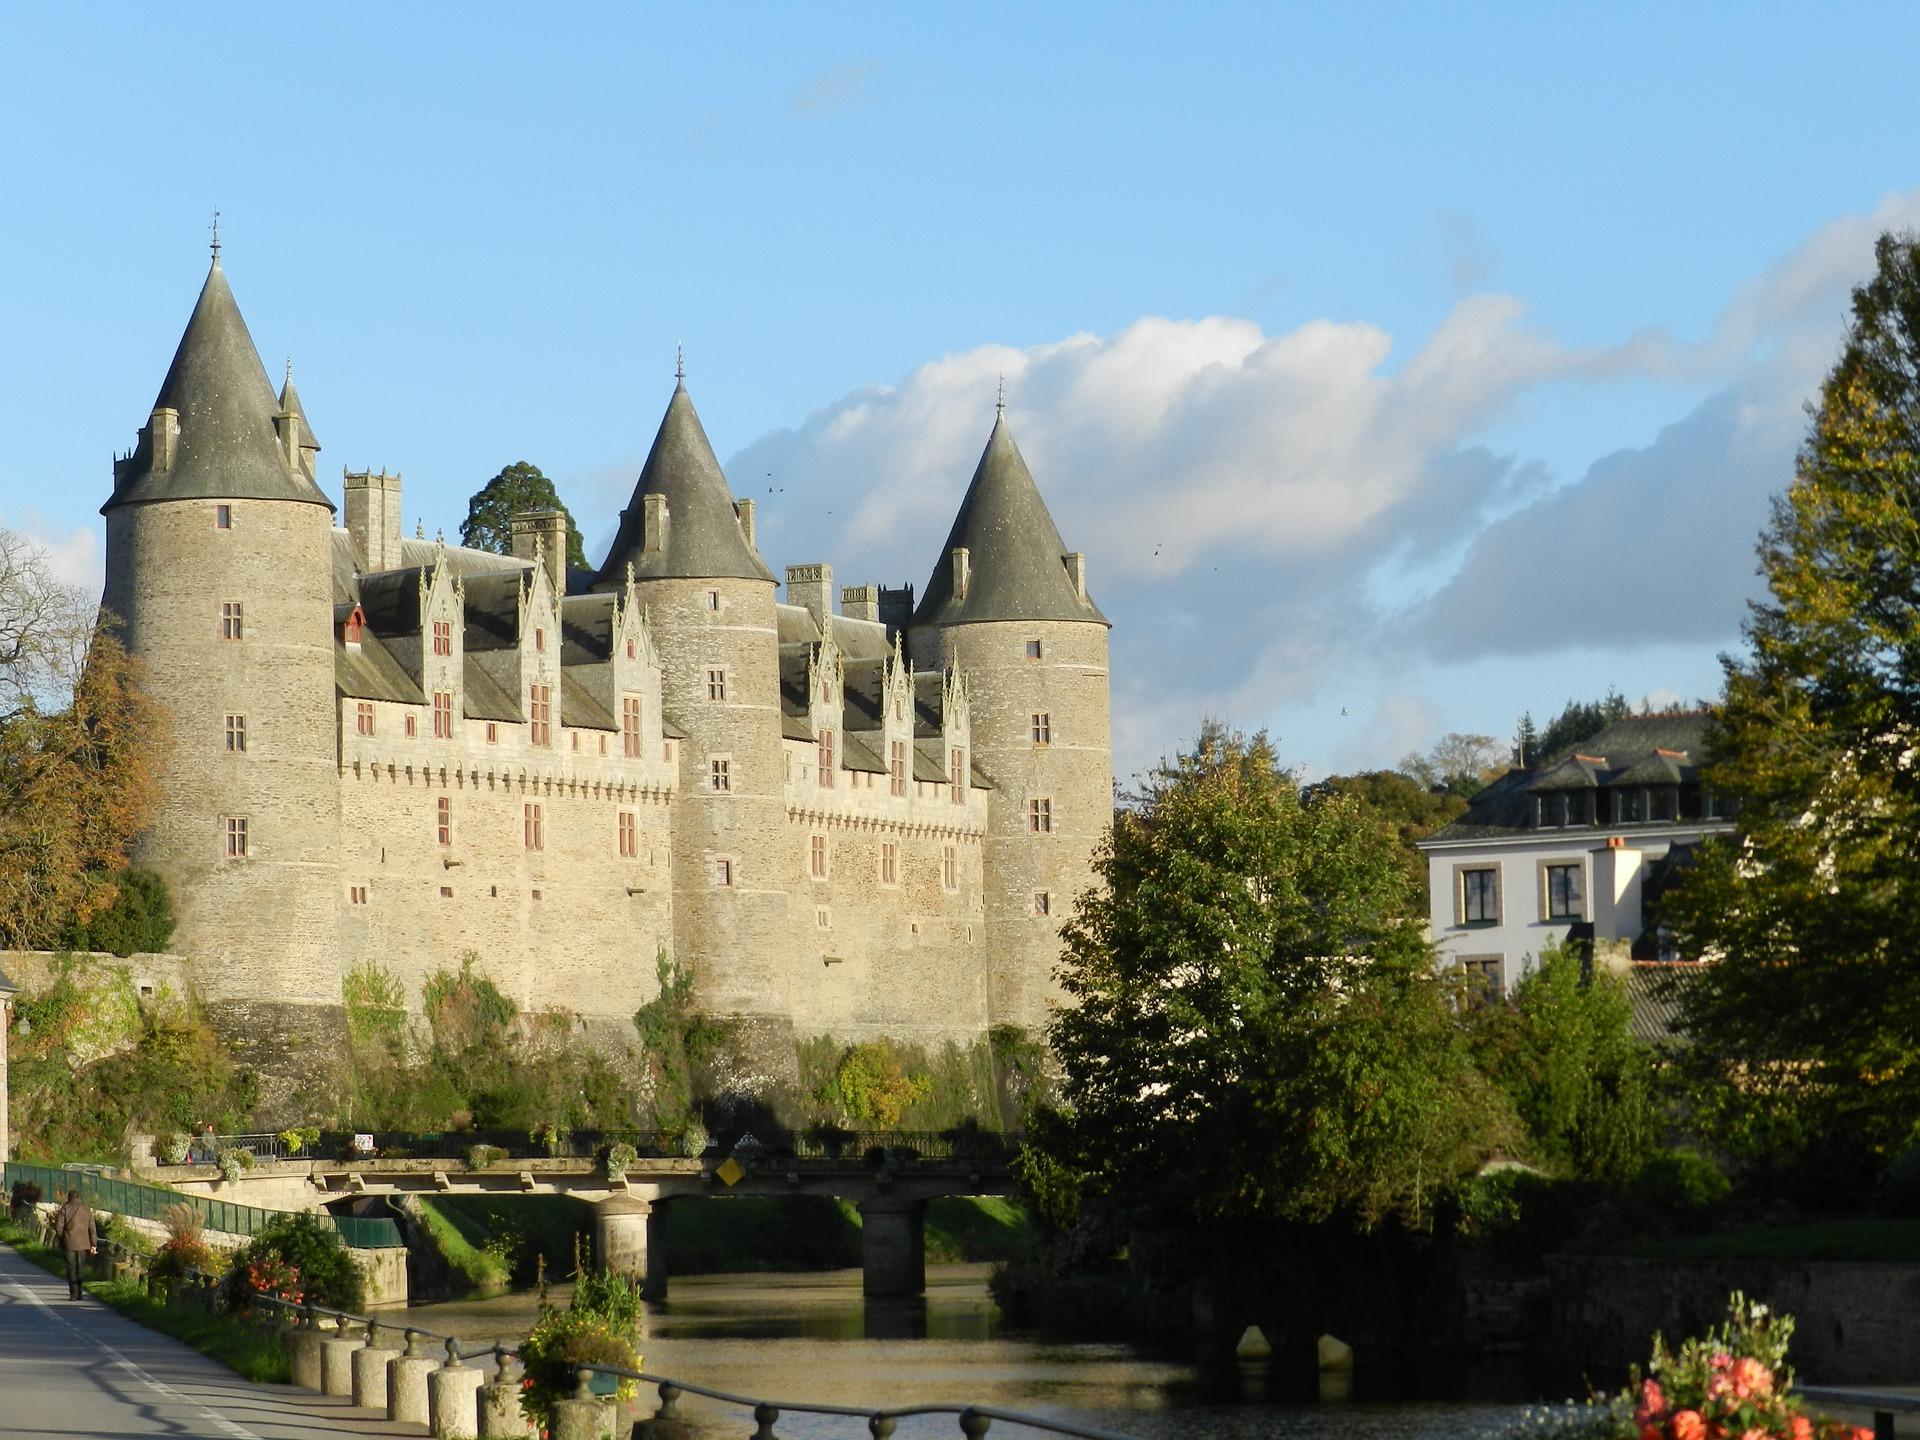 Josselin in Brittany